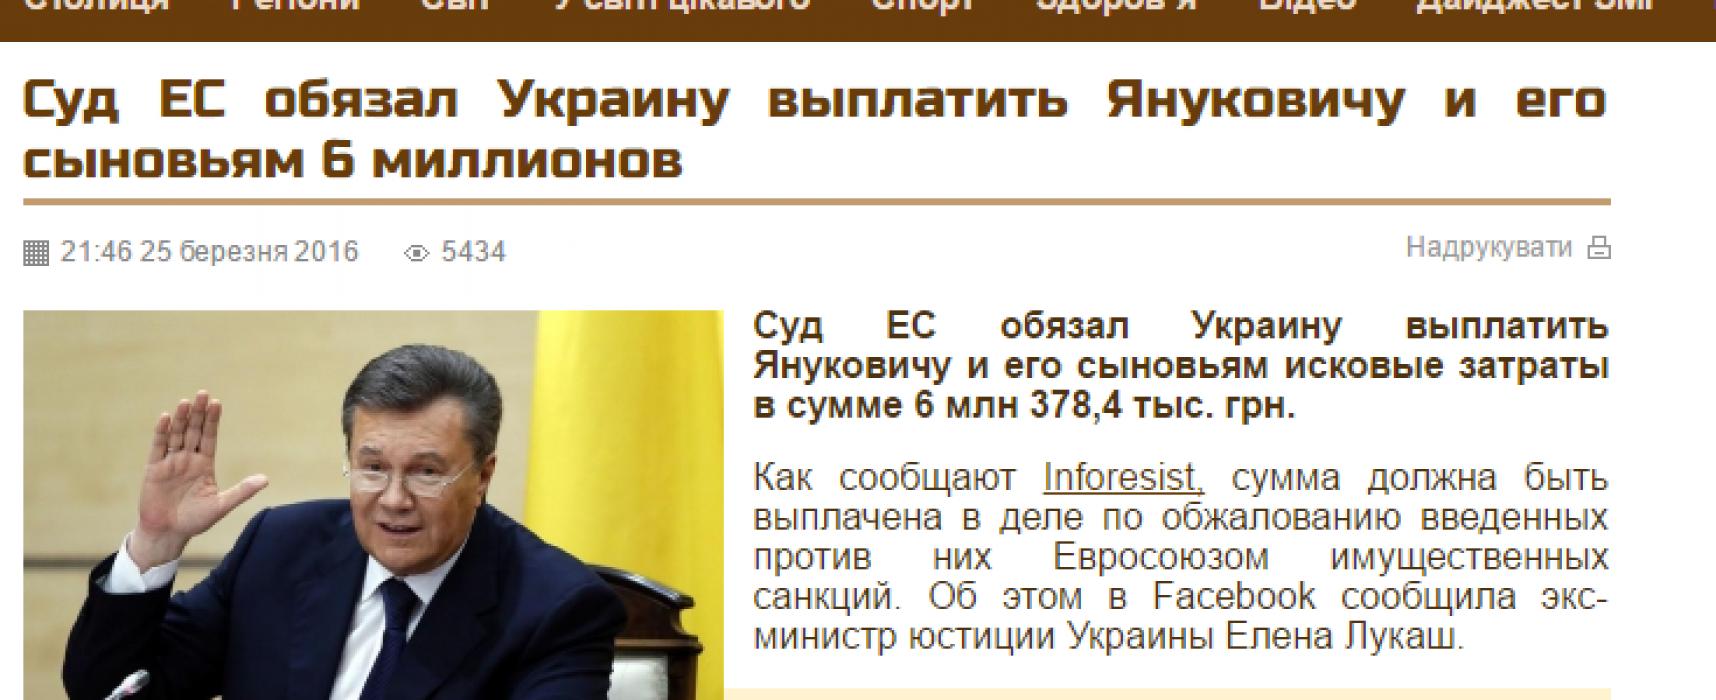 Фейк: Украйна трябва да заплати компенсация в размер на 6,3 млн гривни на Янукович и синовете му